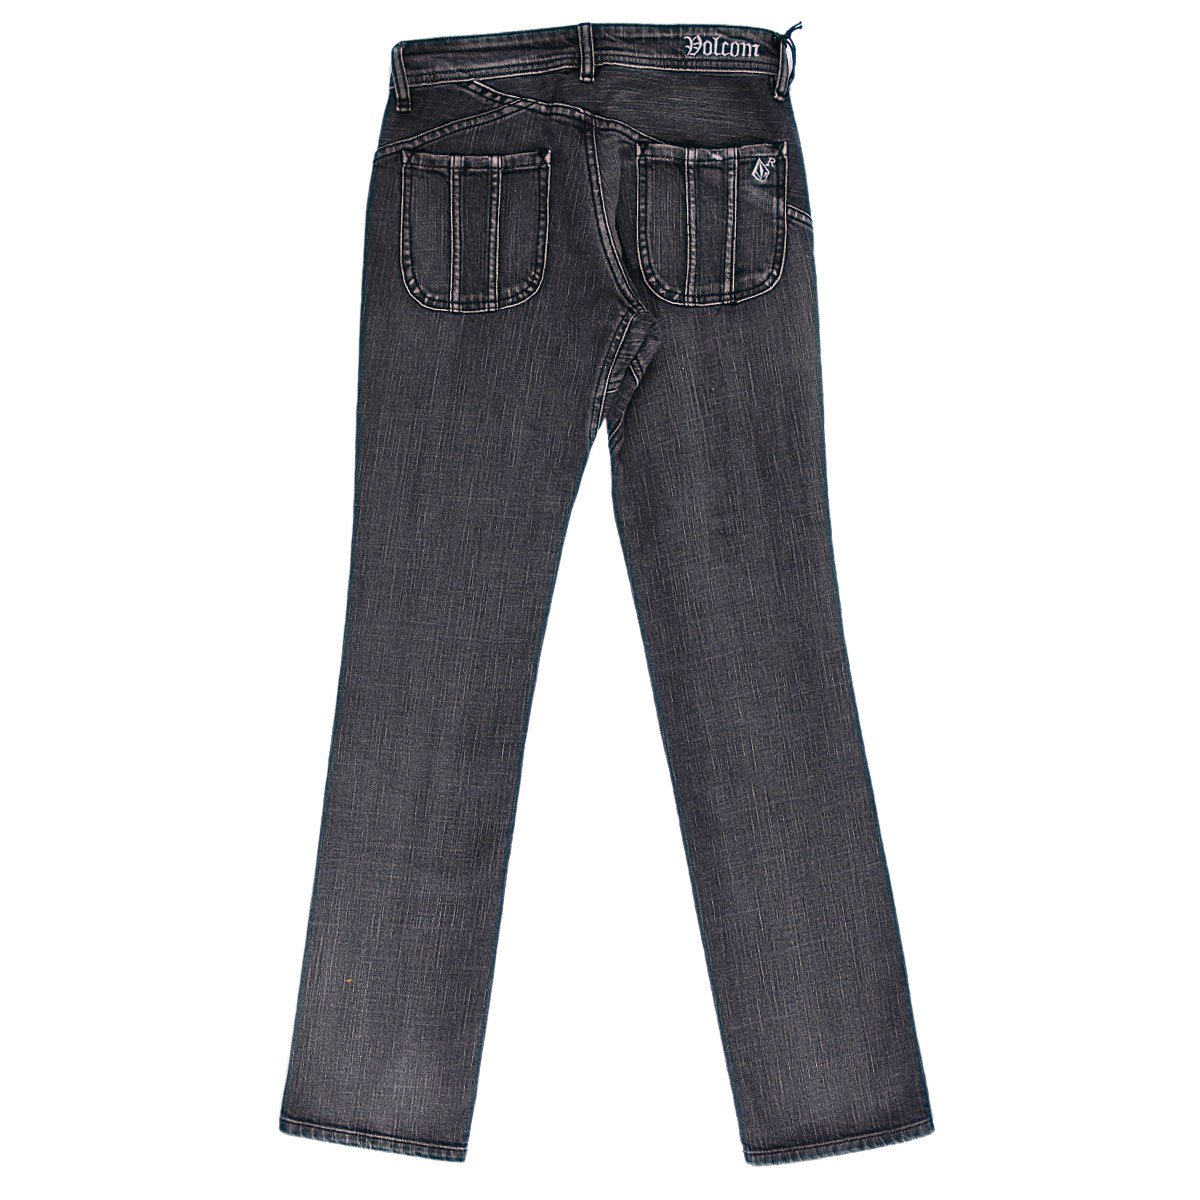 4ddcc4e03bf Купить джинсы мужские зауженные Volcom Rowley Too Jean True Black ...